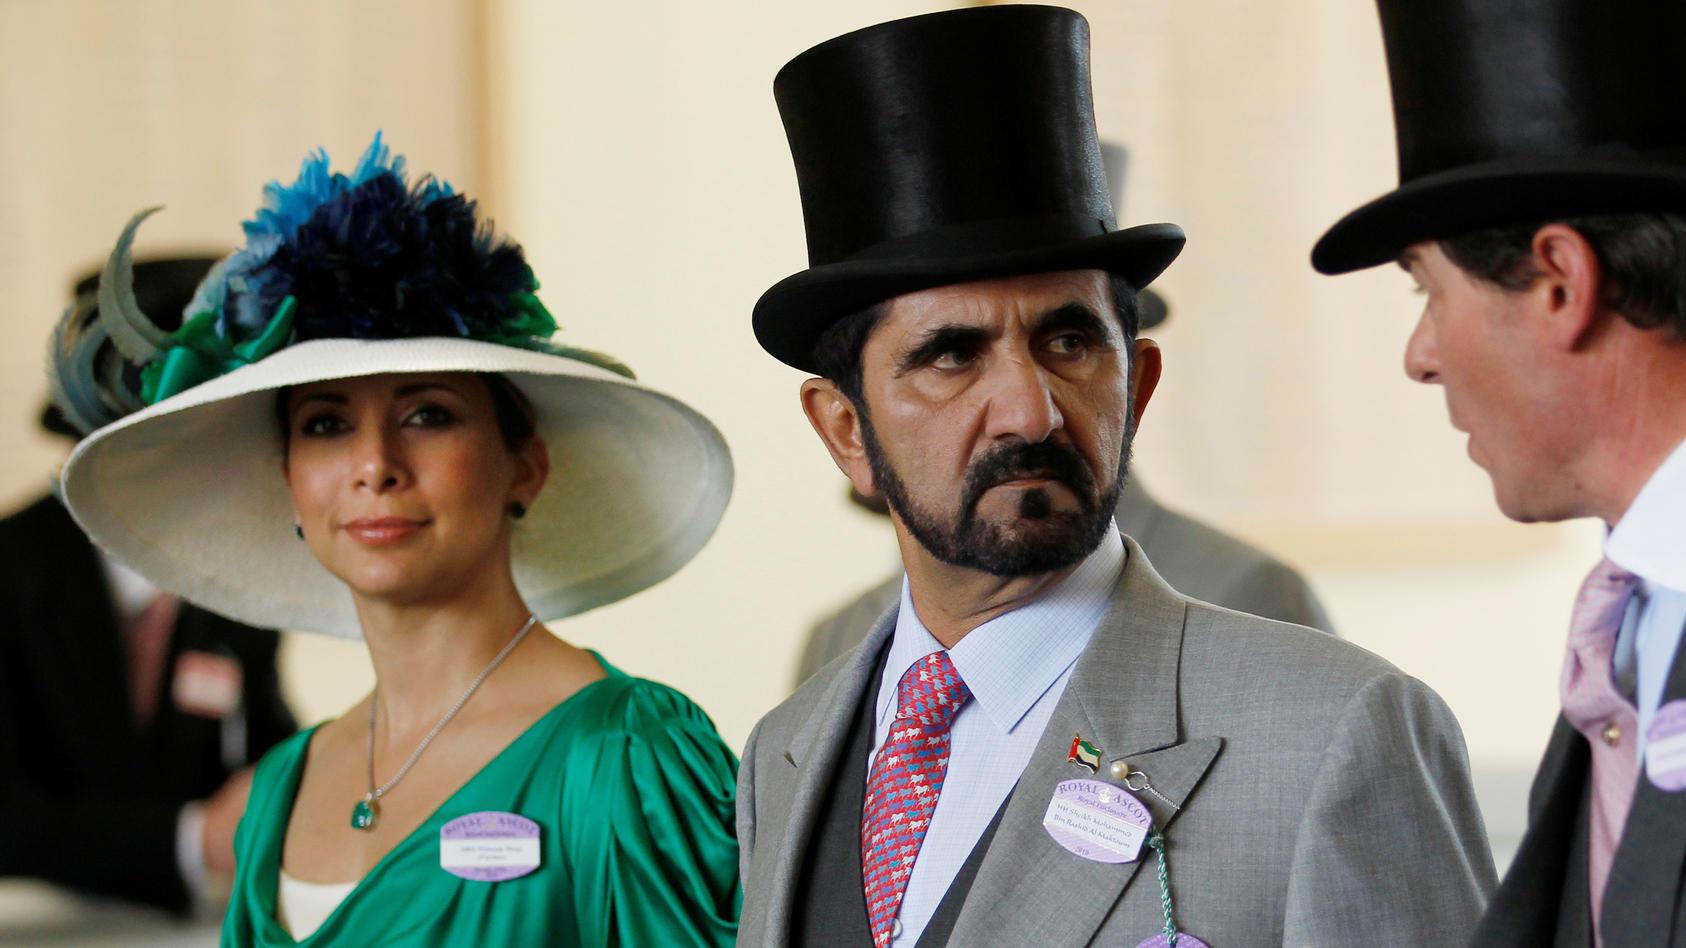 Prinzessin Haya und ihr damaliger Mann, Scheich Mohammed, beim Pferderennen in Ascot im Sommer 2010.